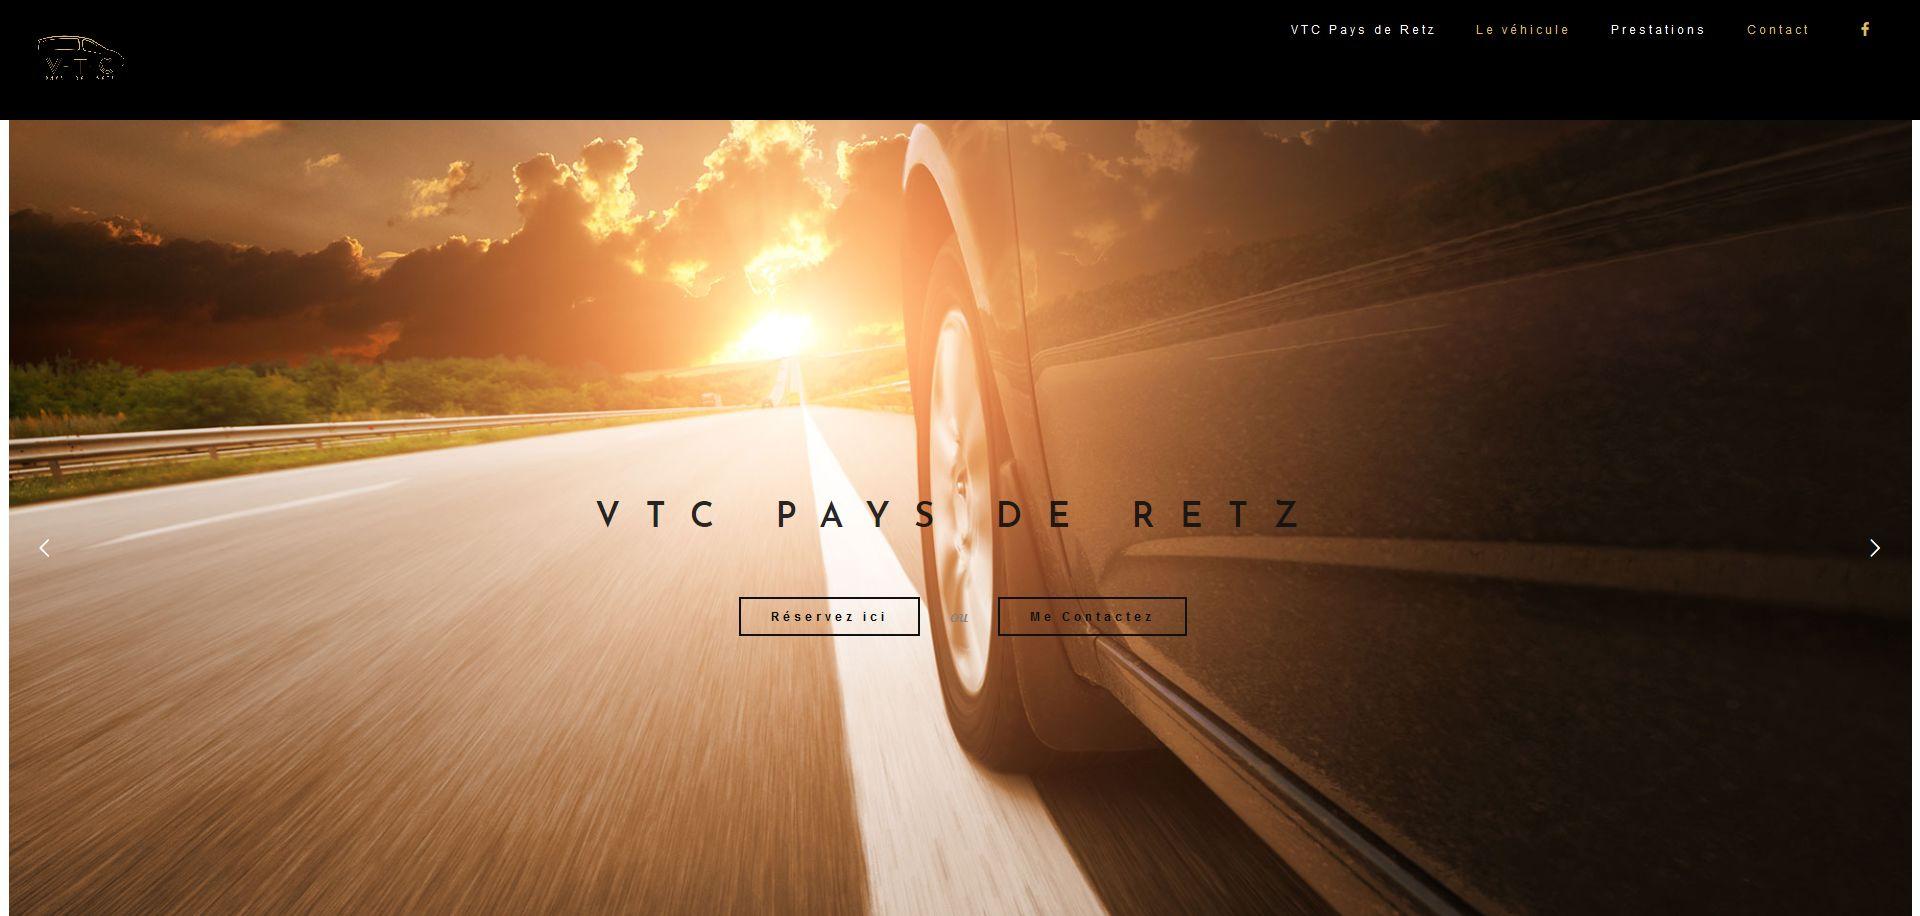 vtc-pays-de-retz-location-voiture-avec-chauffeur-acceuil2